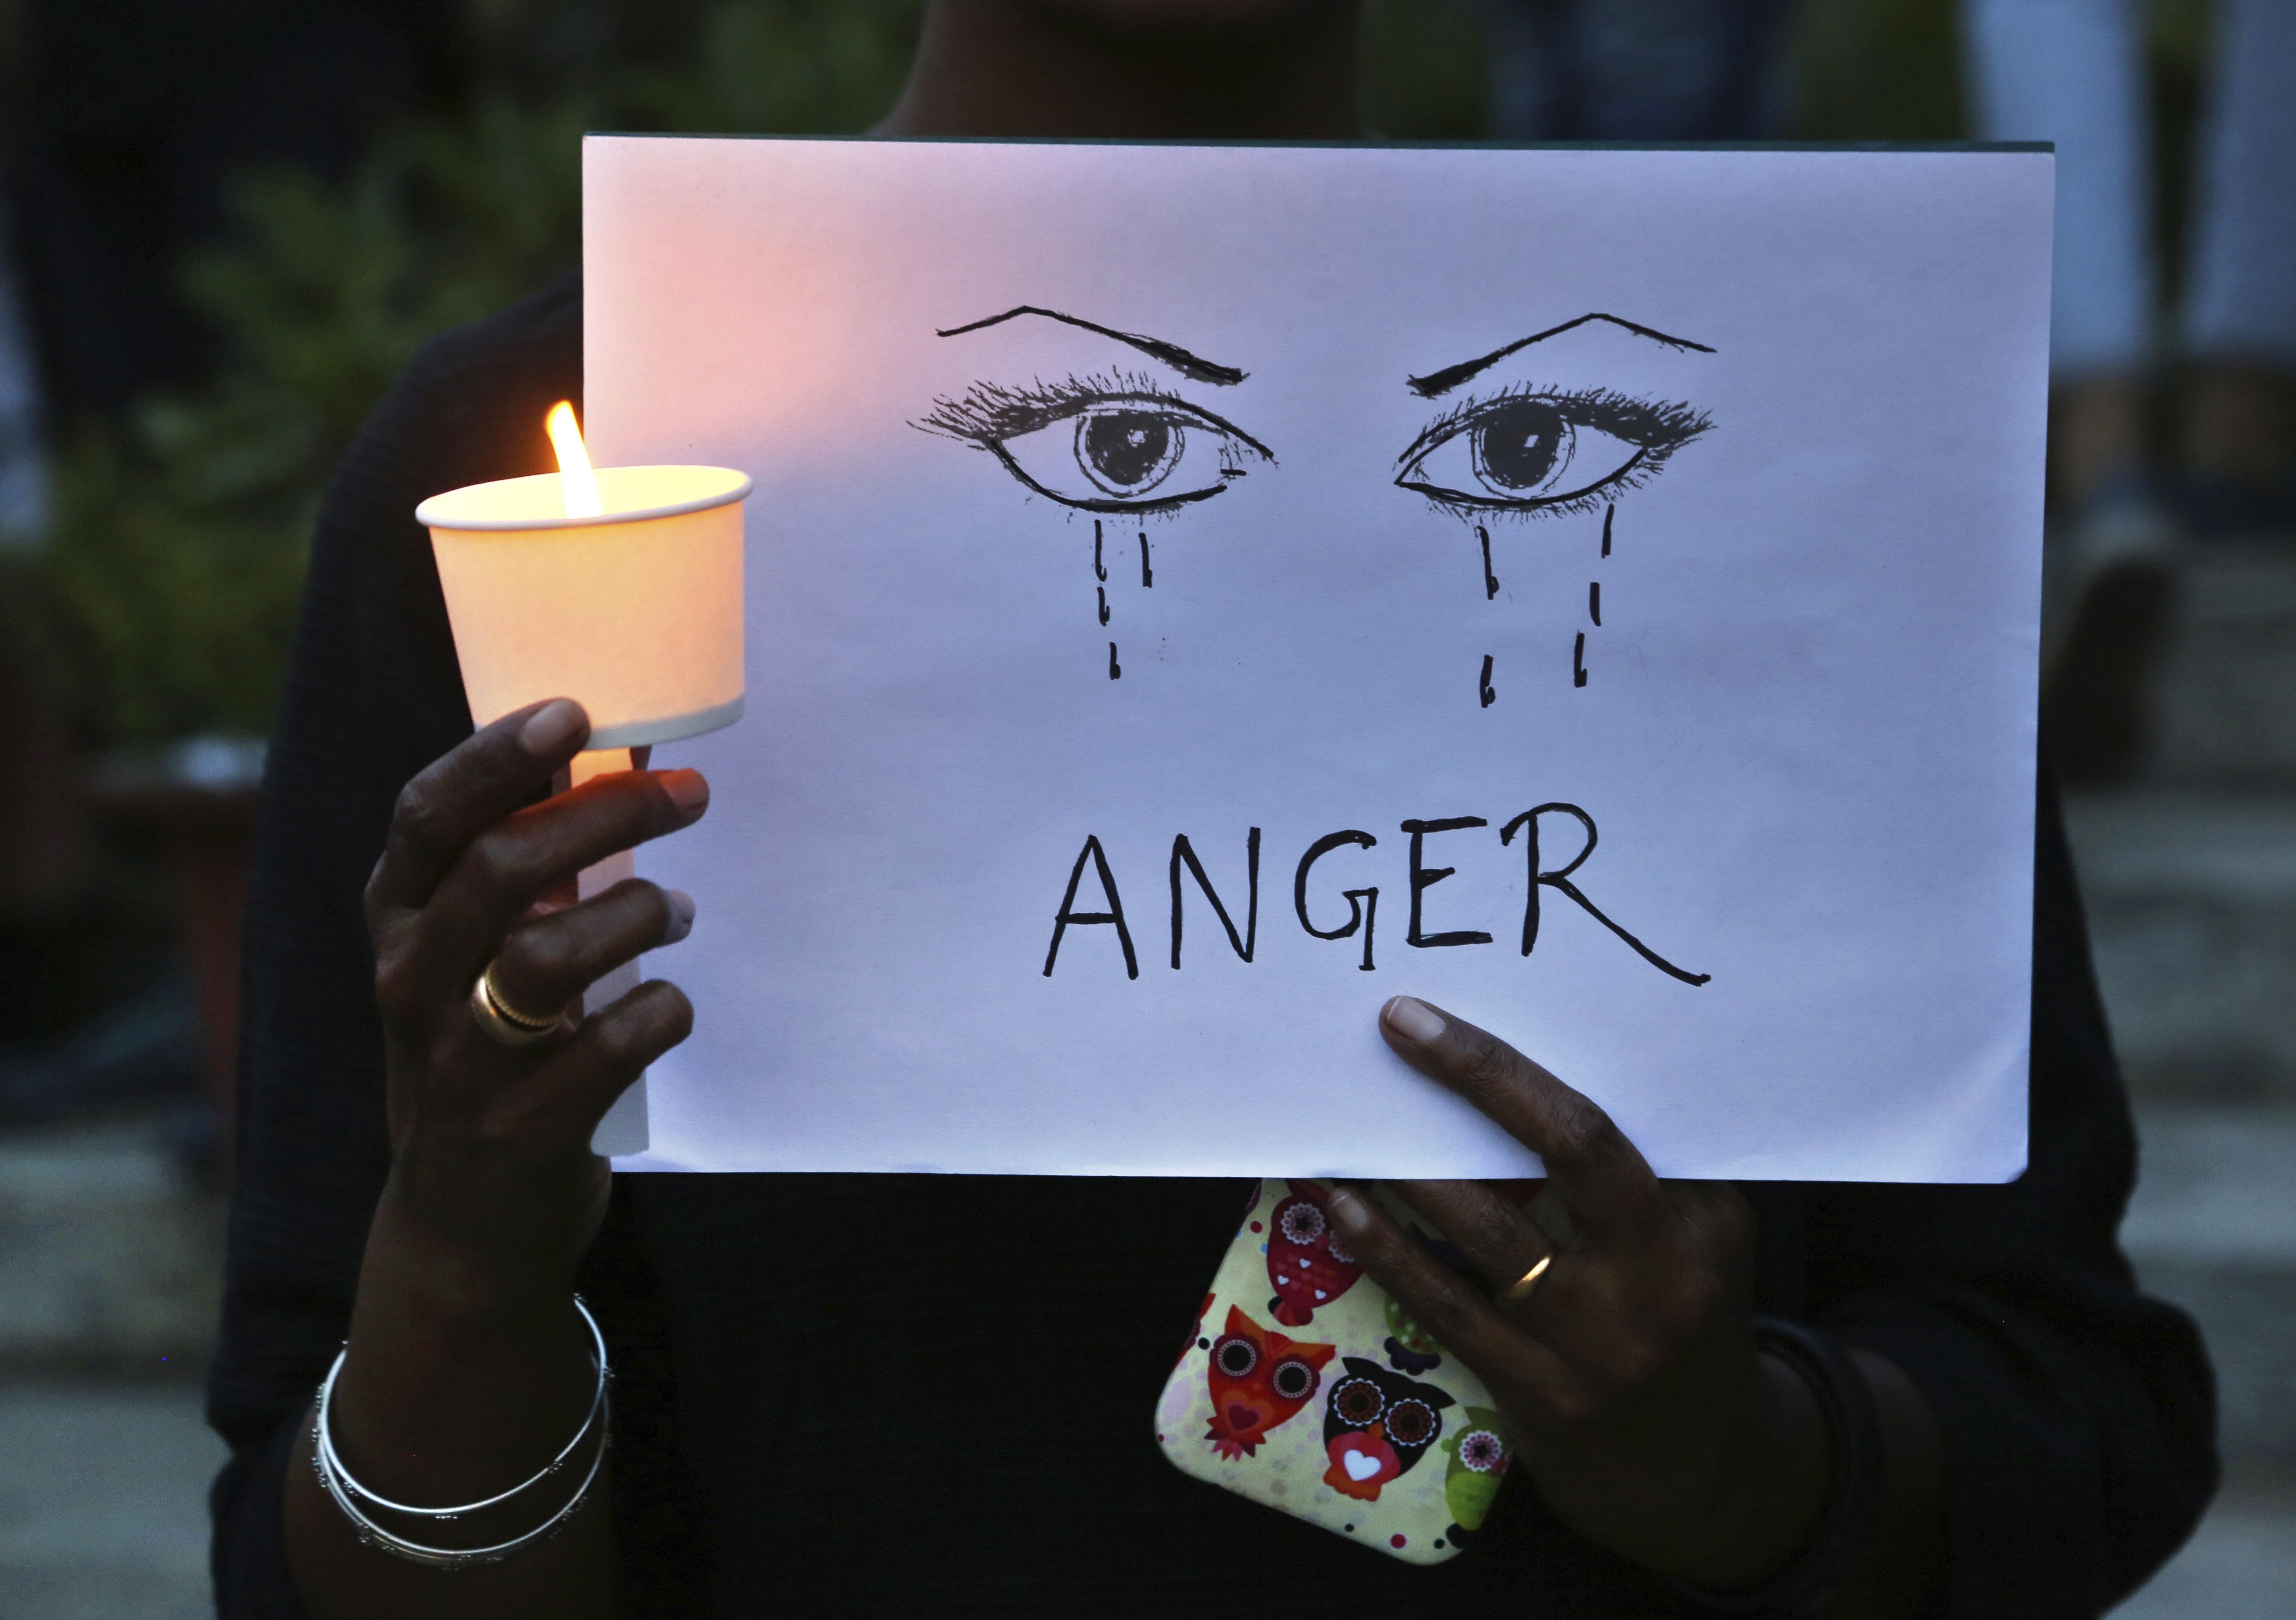 인도에서 '버스 집단 성폭행 사망' 6주기에 3세 여아가 강간 당하는 사건이